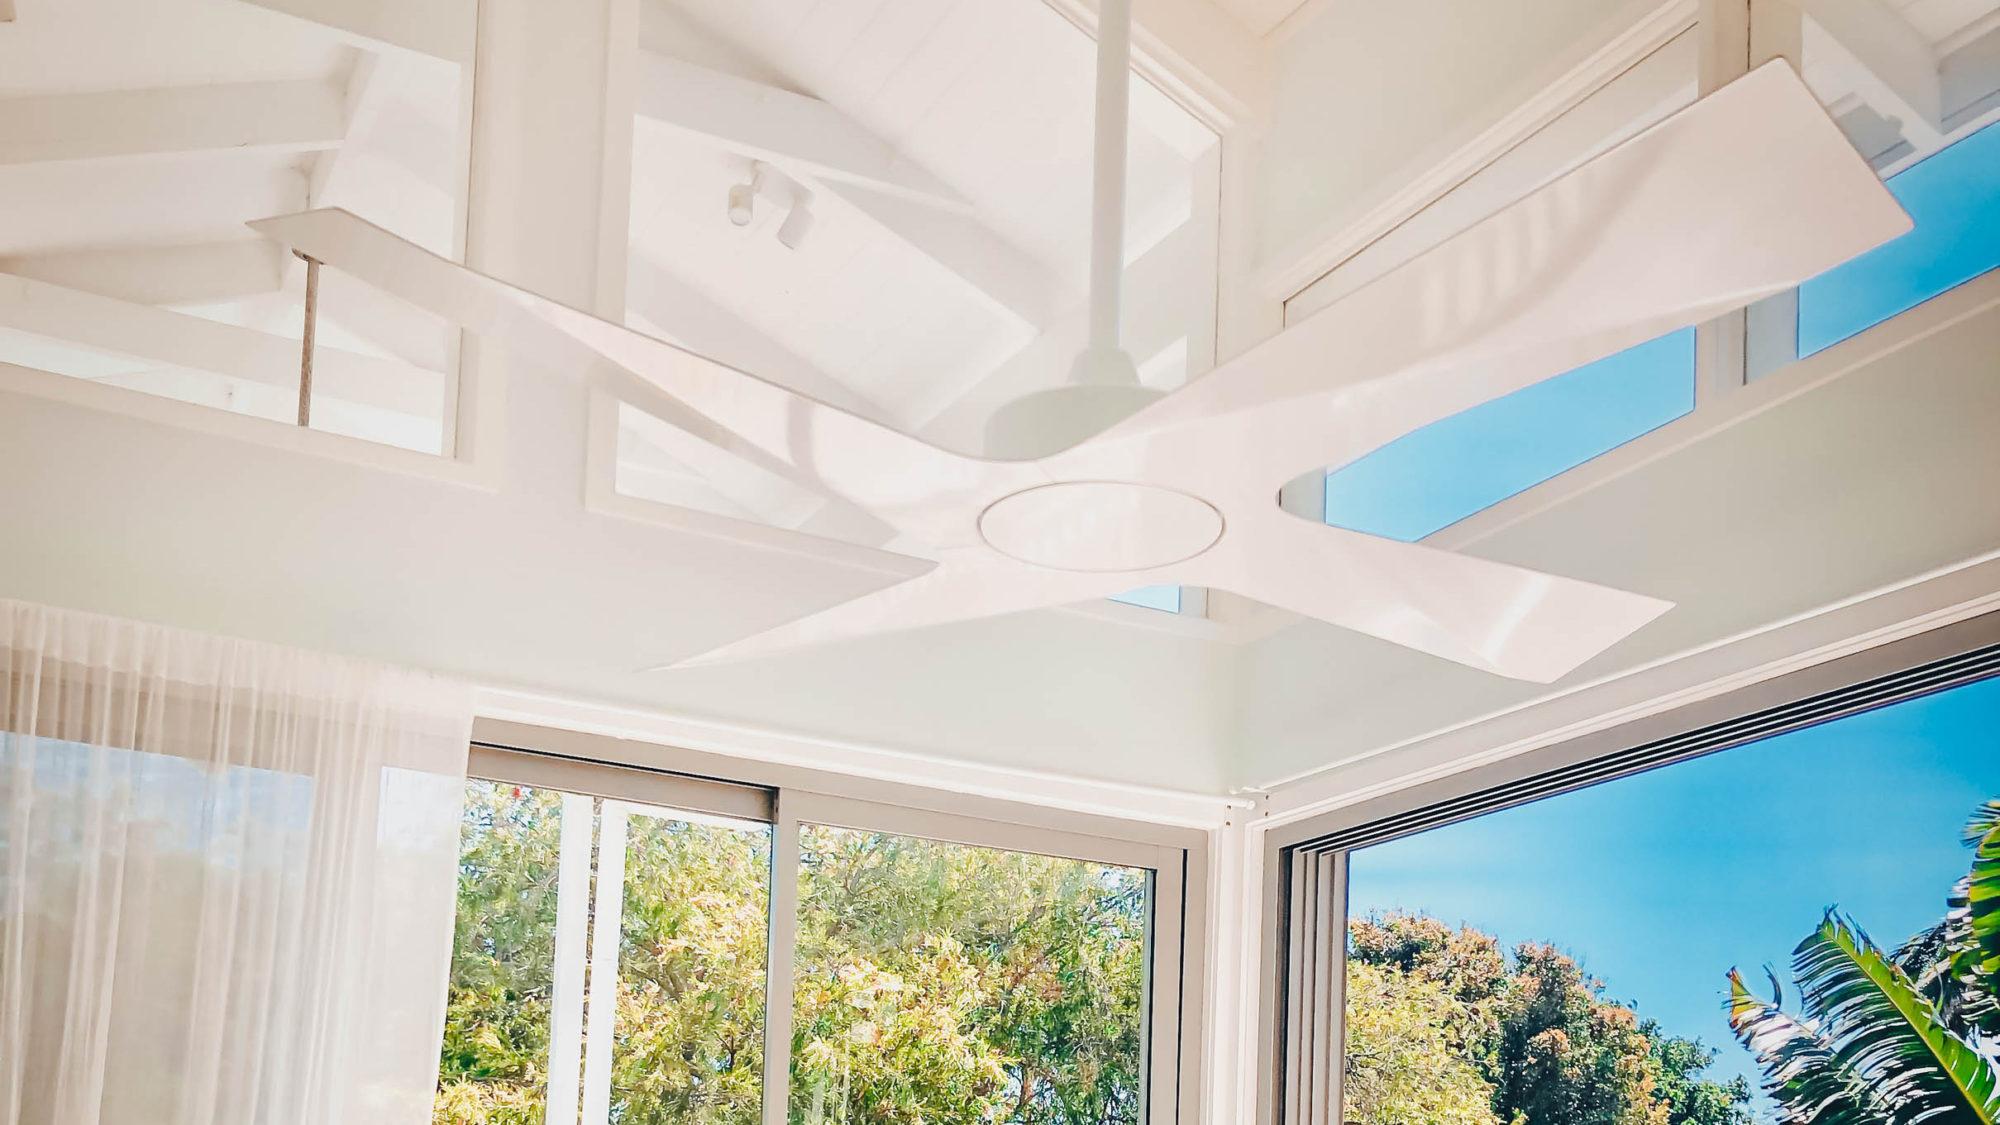 Modn 4 Ceiling Fan 1